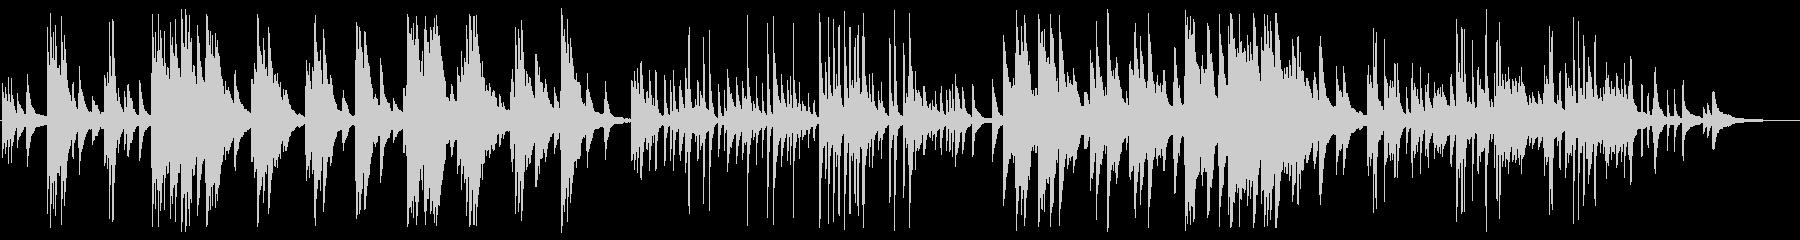 静かで落ち着いたピアノBGMの未再生の波形